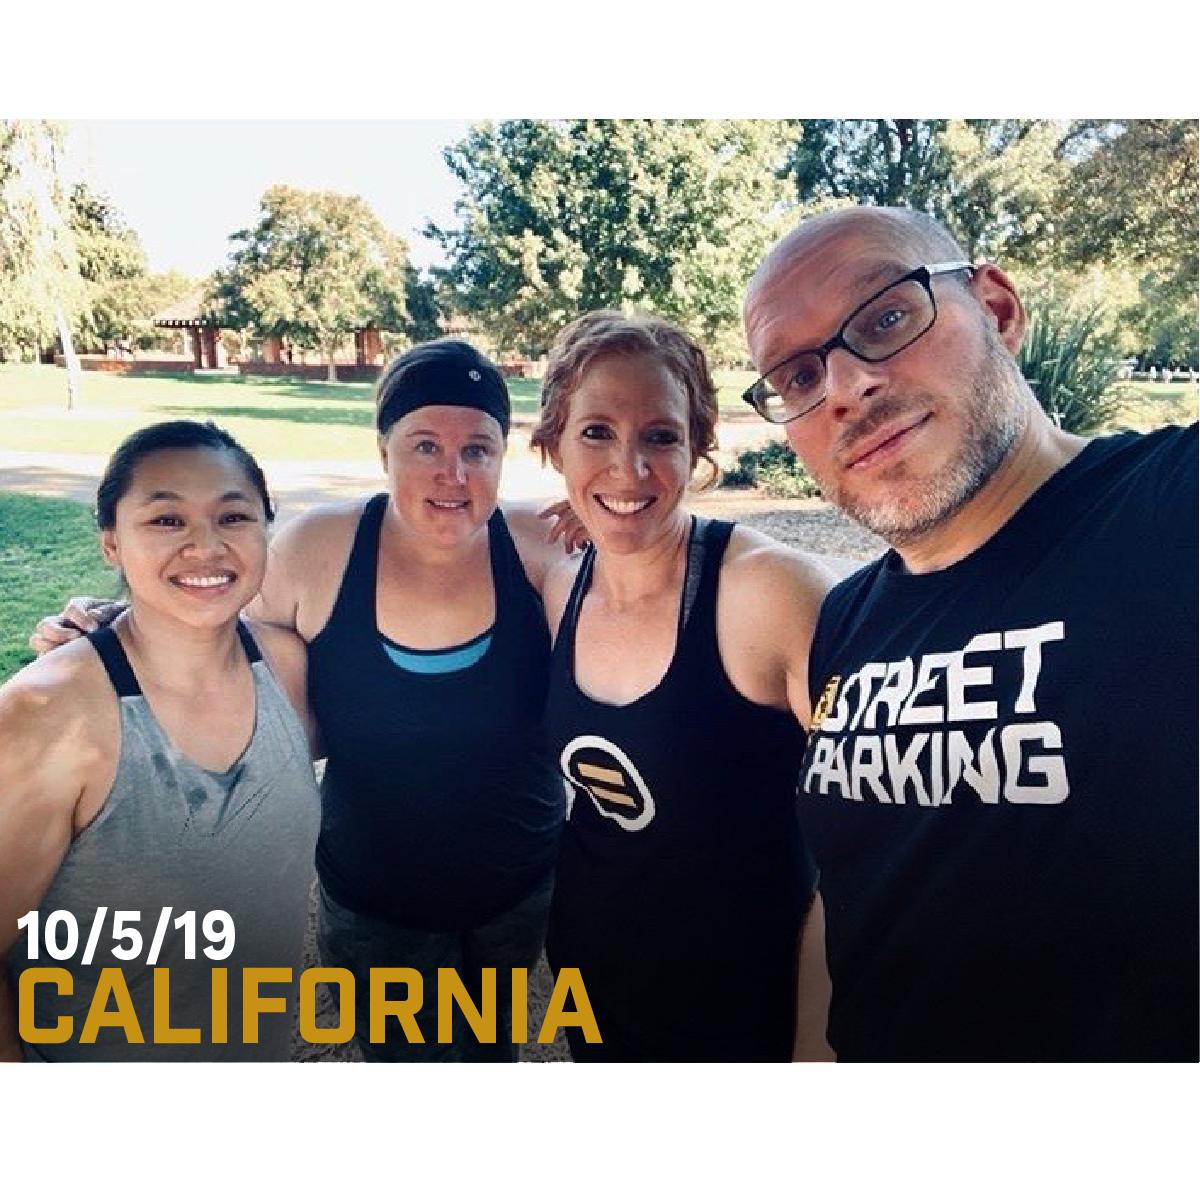 Oct 5, 2019 | California